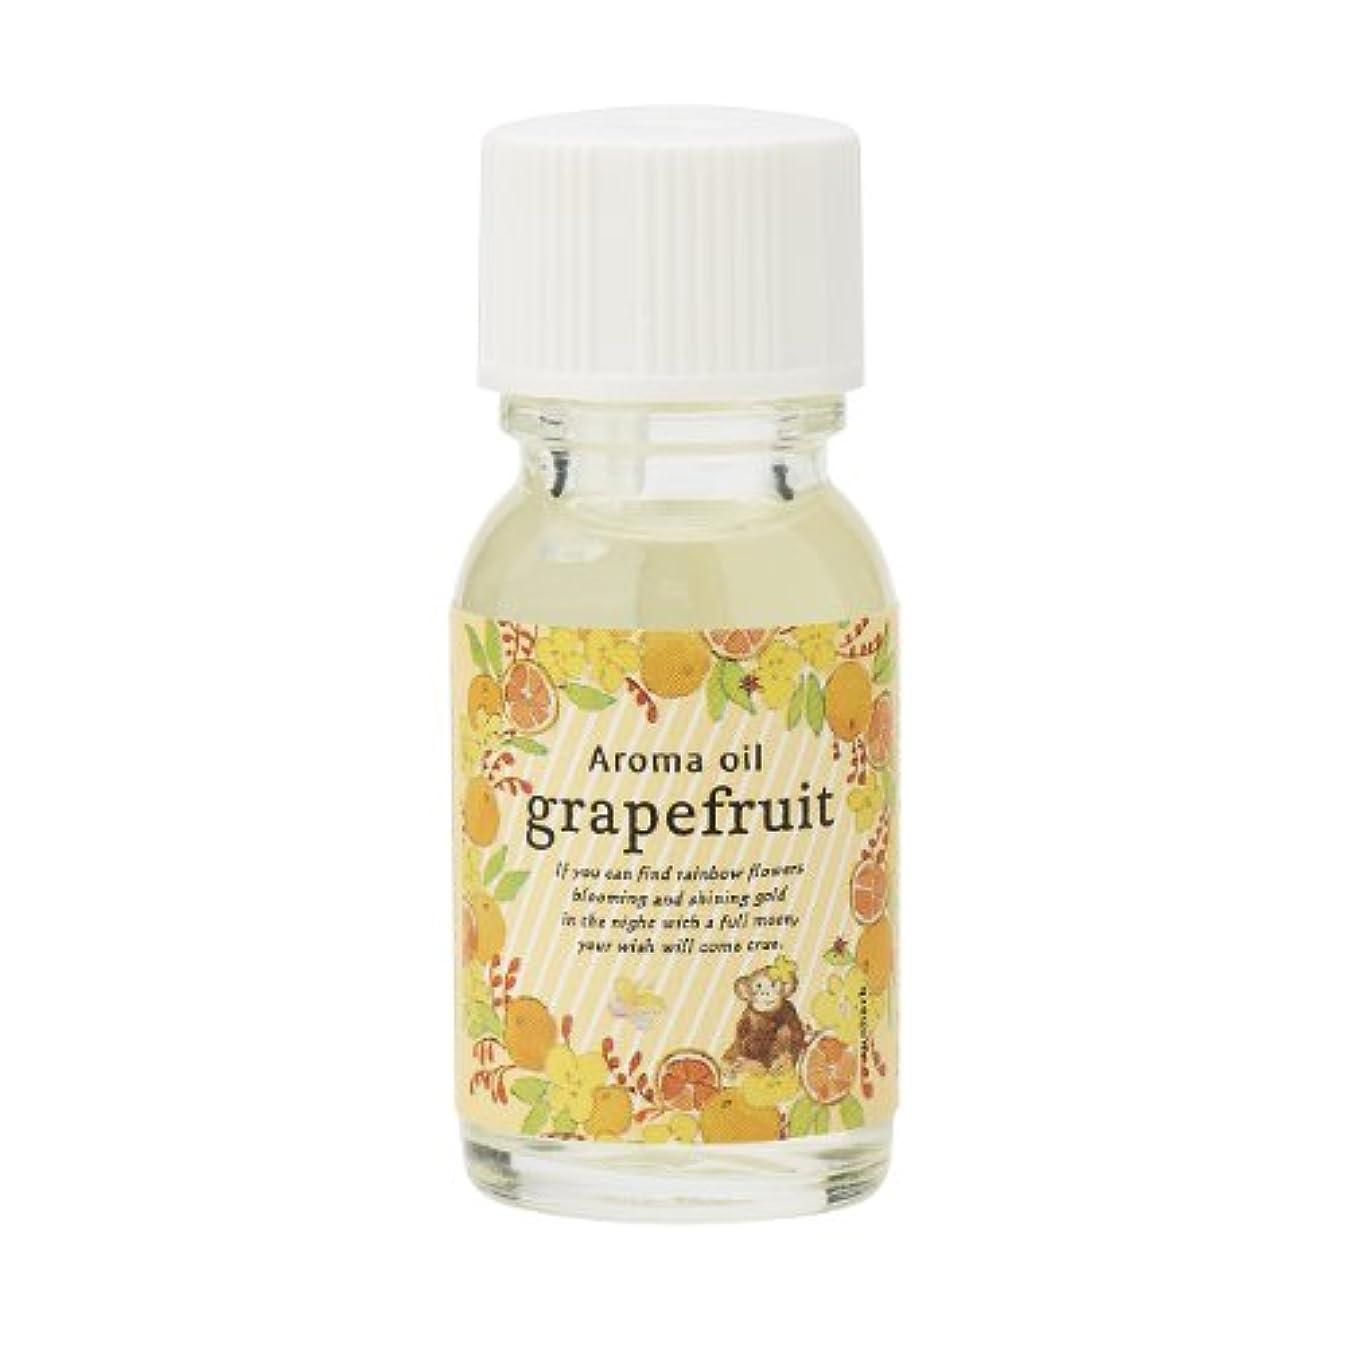 キャリアオアシス甘くするサンハーブ アロマオイル グレープフルーツ 13ml(シャキっとまぶしい柑橘系の香り)